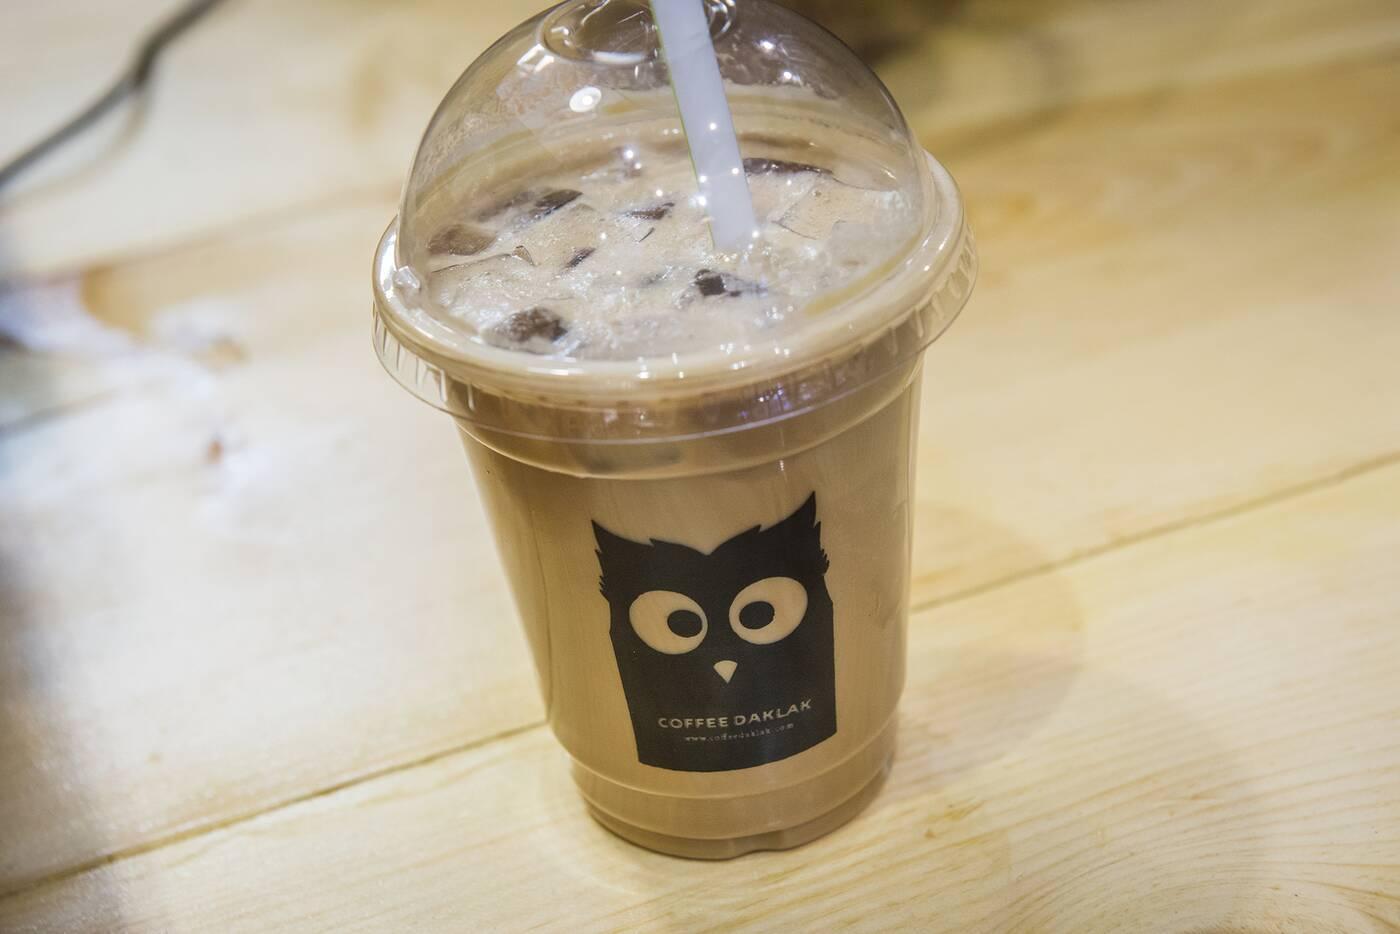 Coffee Dak Lak